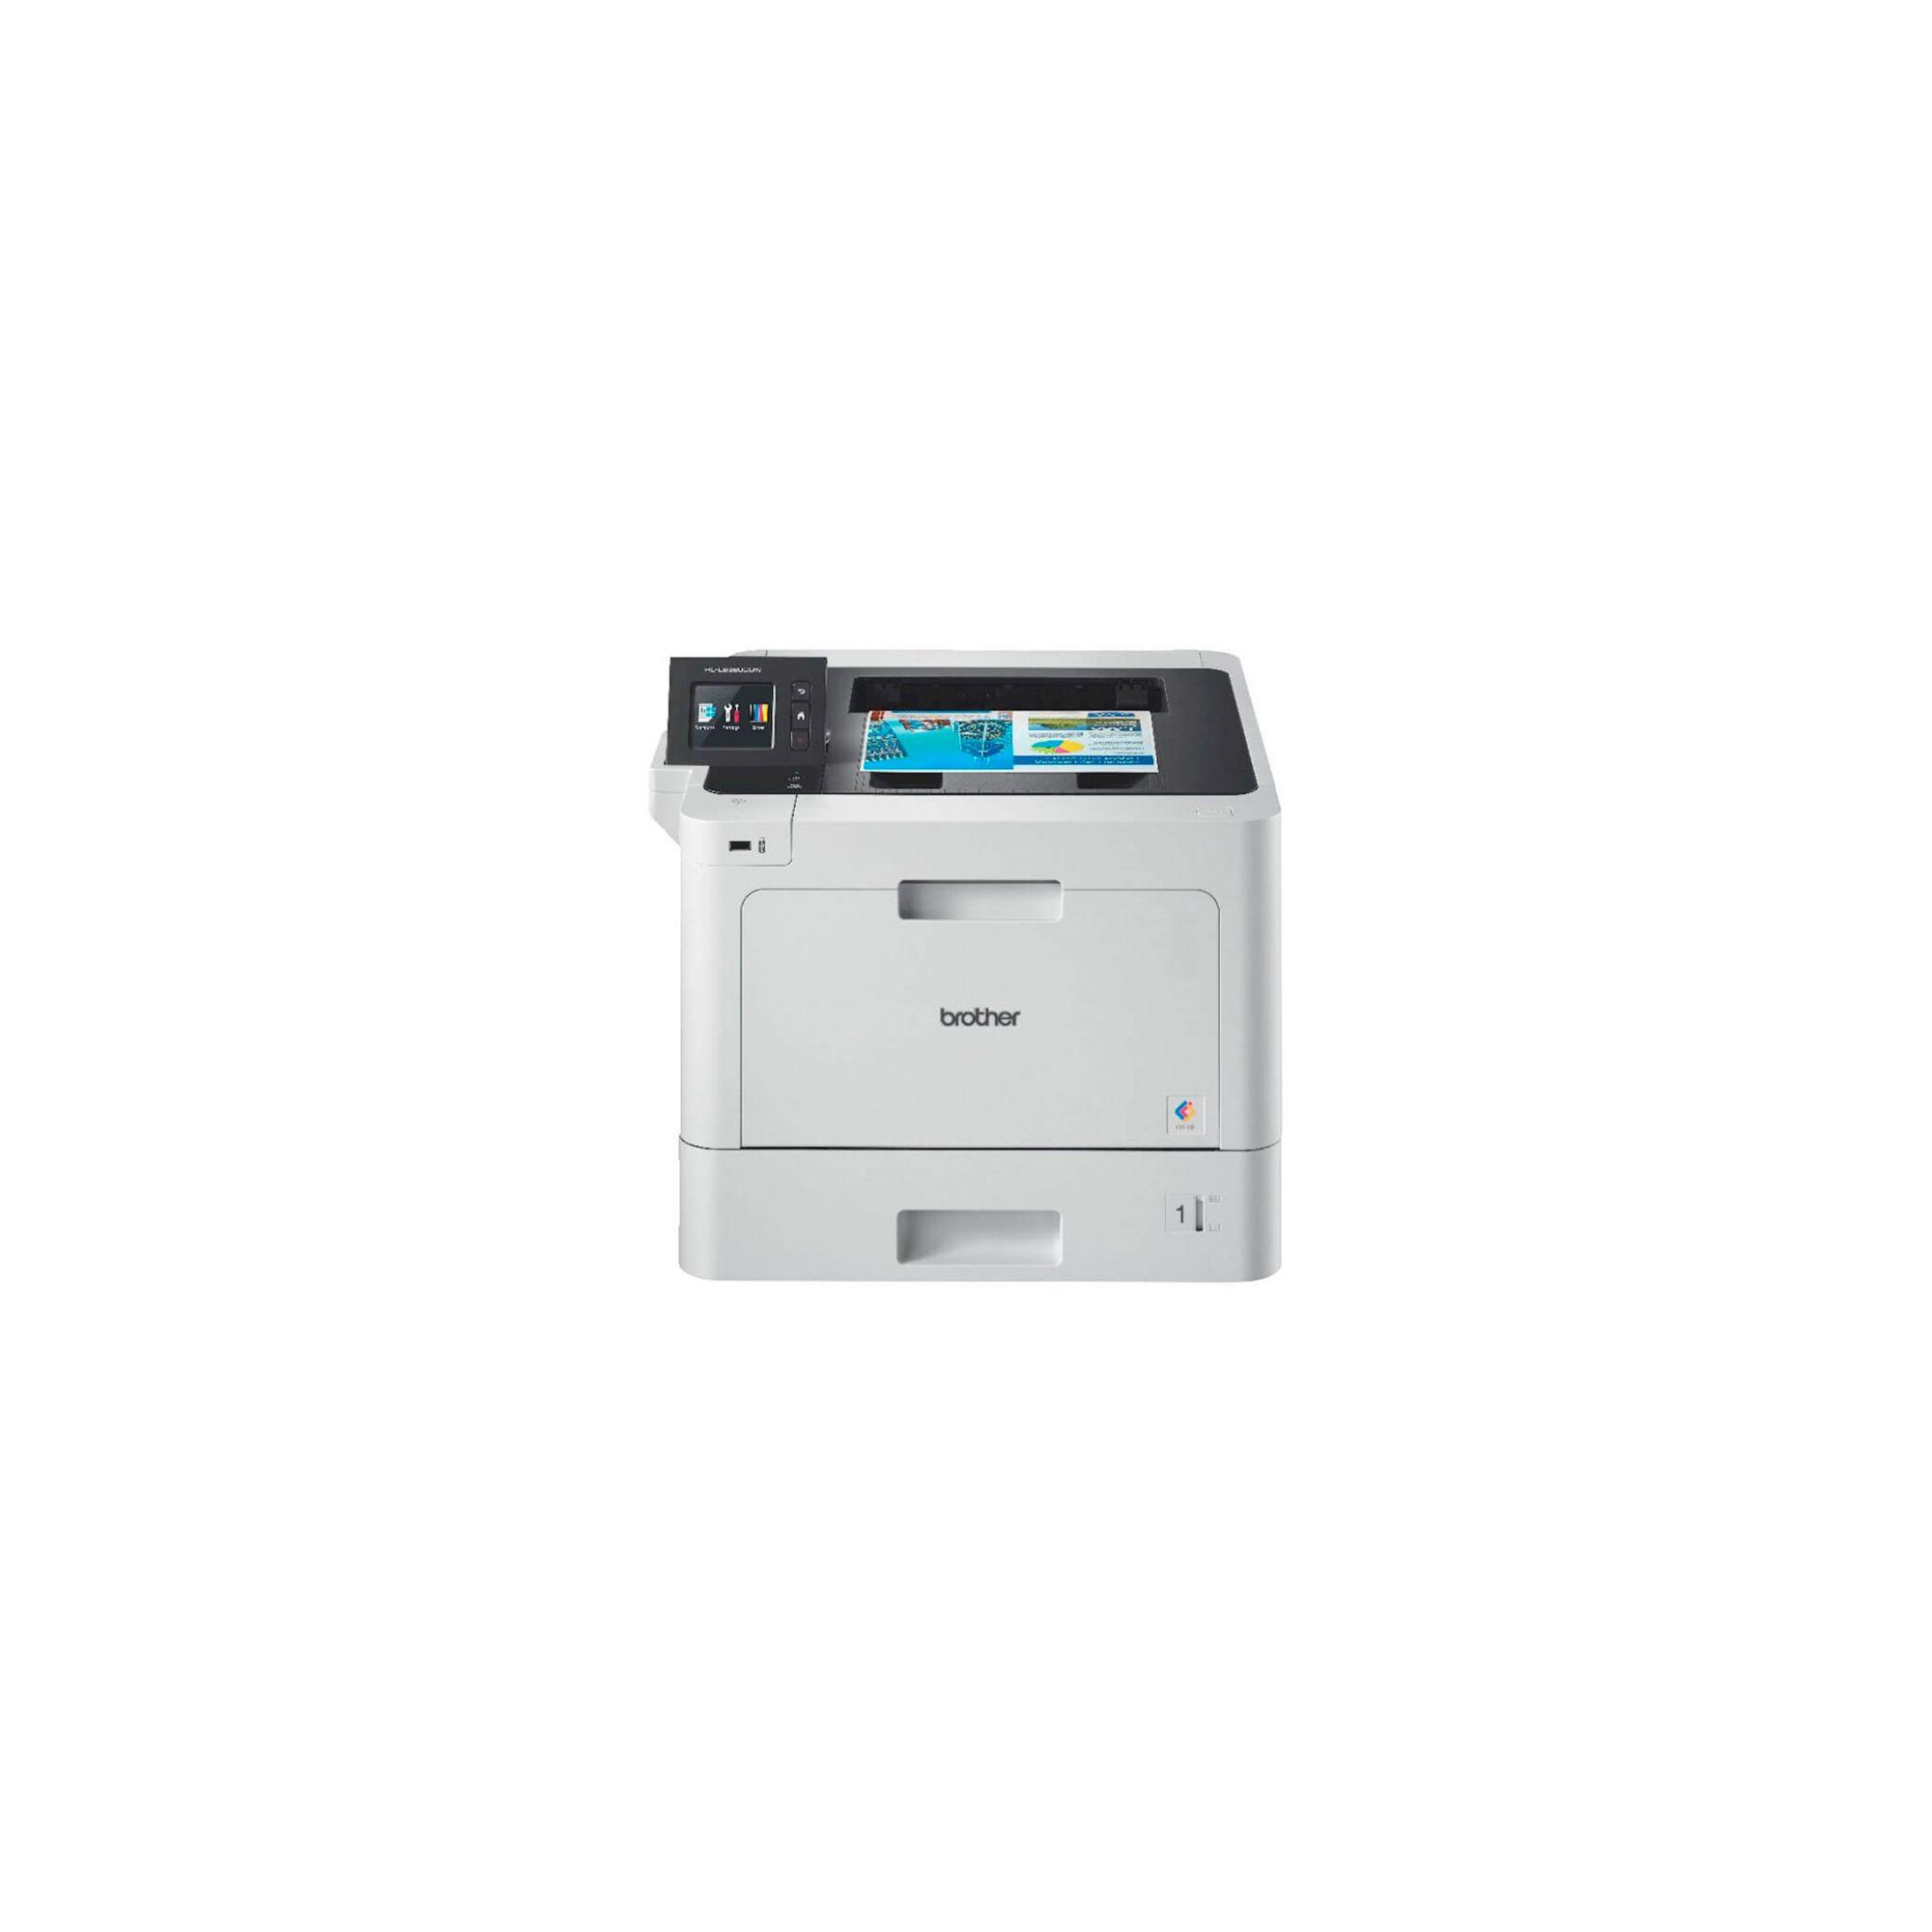 Impressora Brother Laser Color Duplex HLL8360CDW